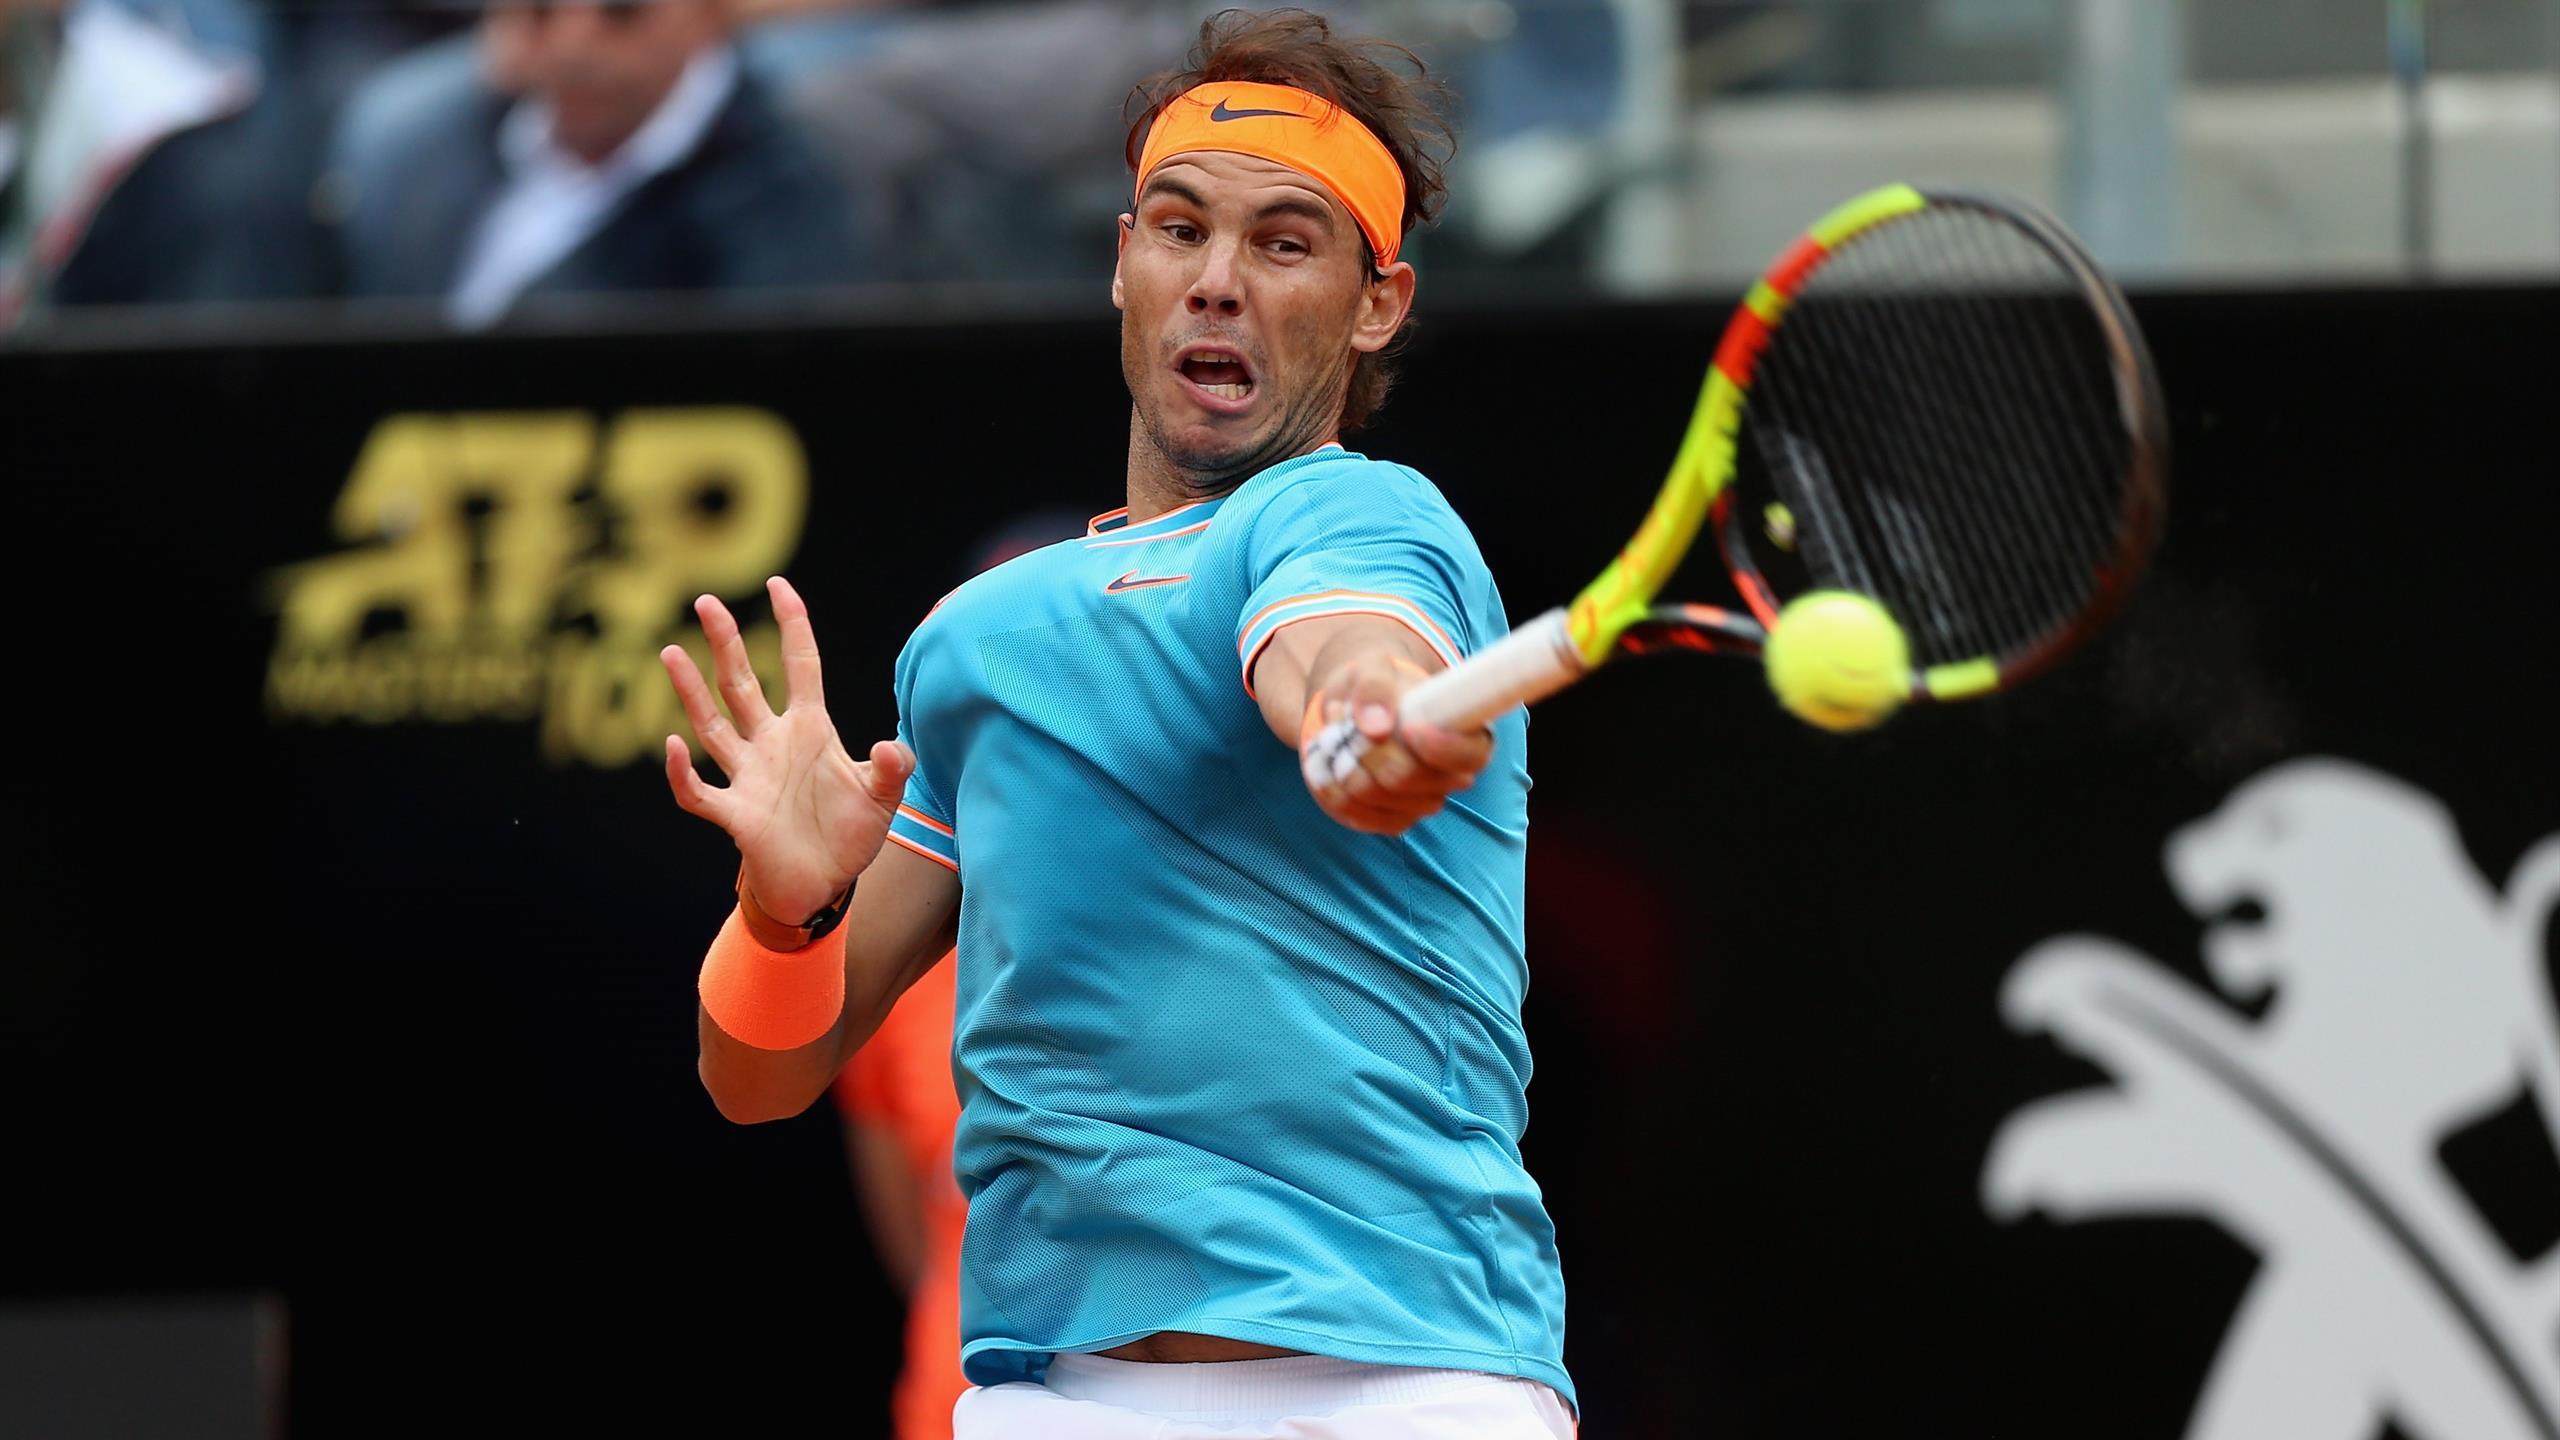 Rafael Nadal ousts Stefanos Tsitsipas in 3 sets to advance ...   Nadal Tsitsipas